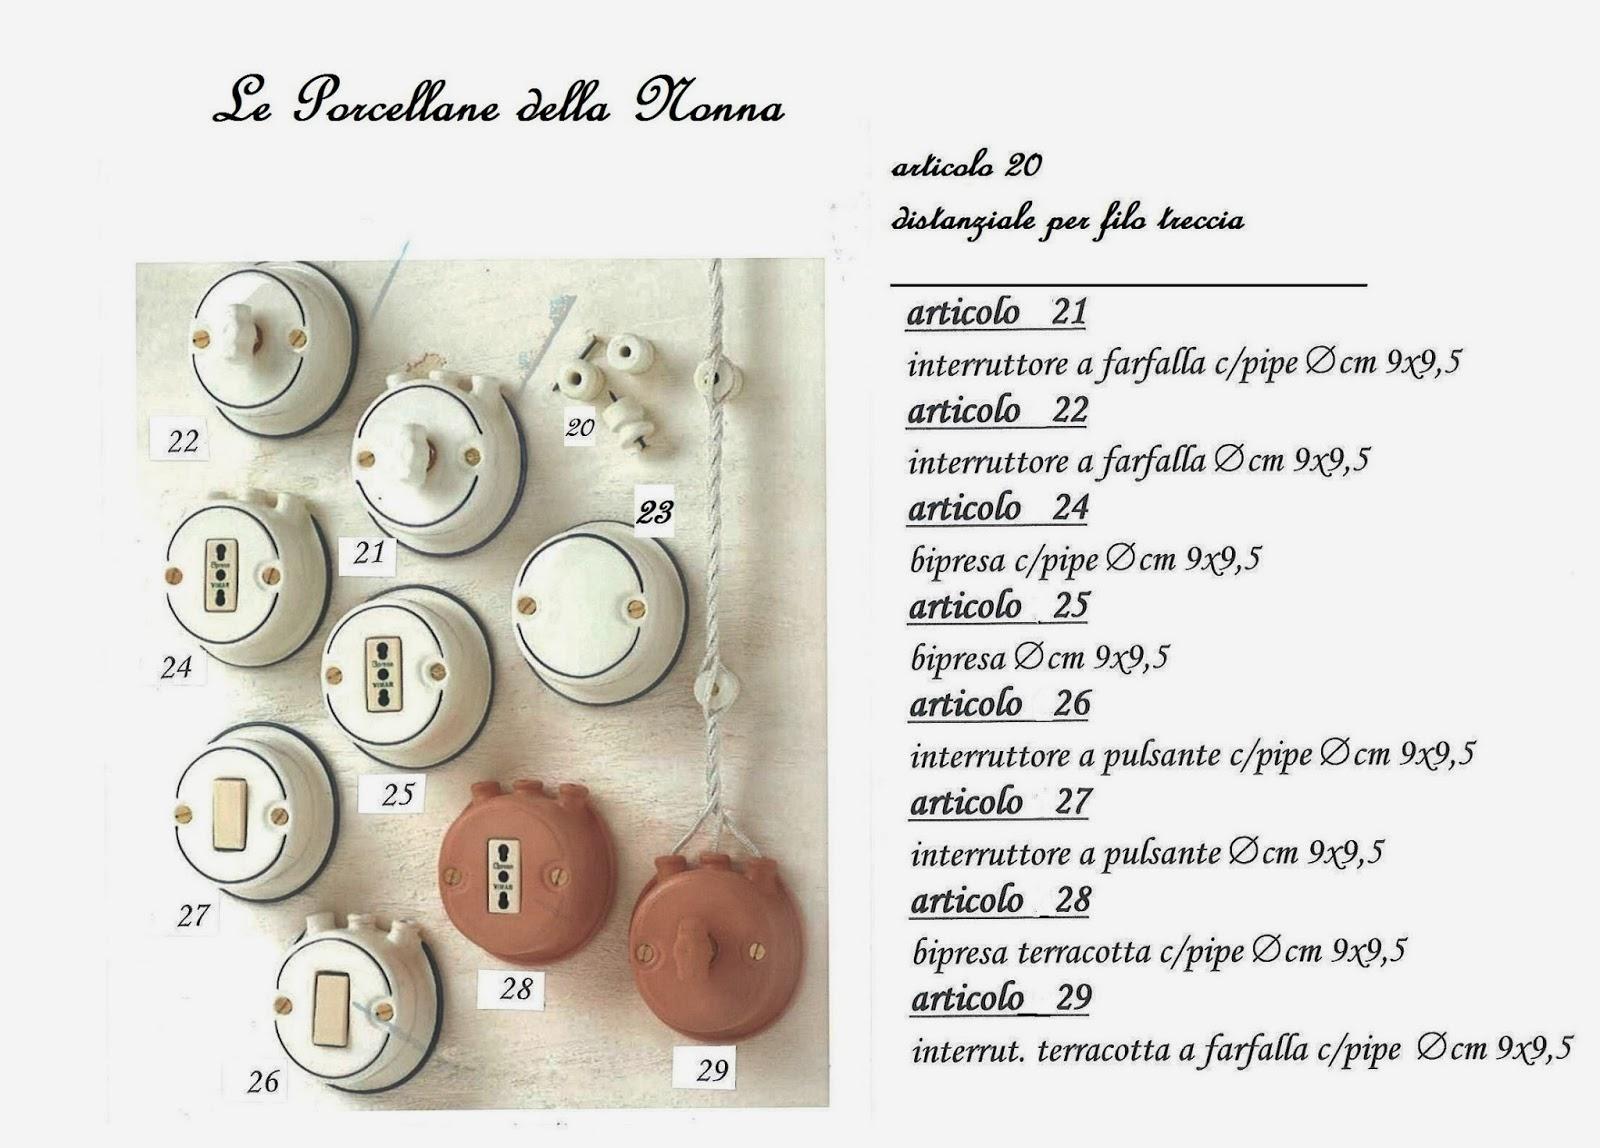 Lucicastiglione fabbrica lampadari: Componenti per impianto elettrico ...